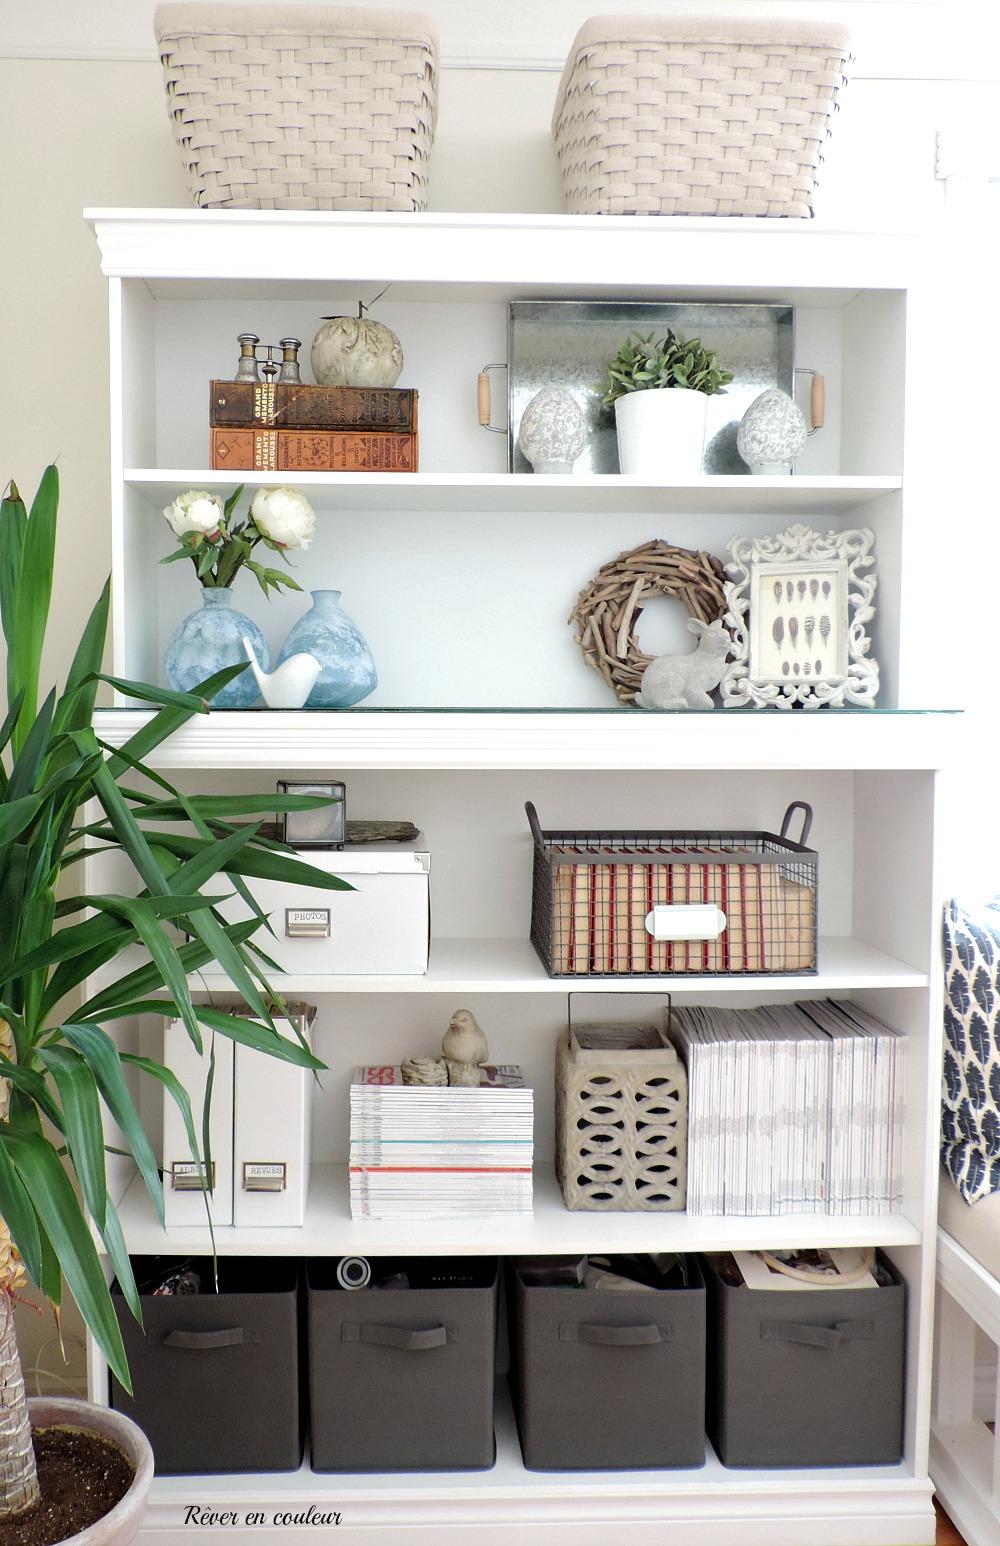 banc sous fenetre les cuisines linda goulet ventes et duarmoires de la crche en jaune avec un. Black Bedroom Furniture Sets. Home Design Ideas